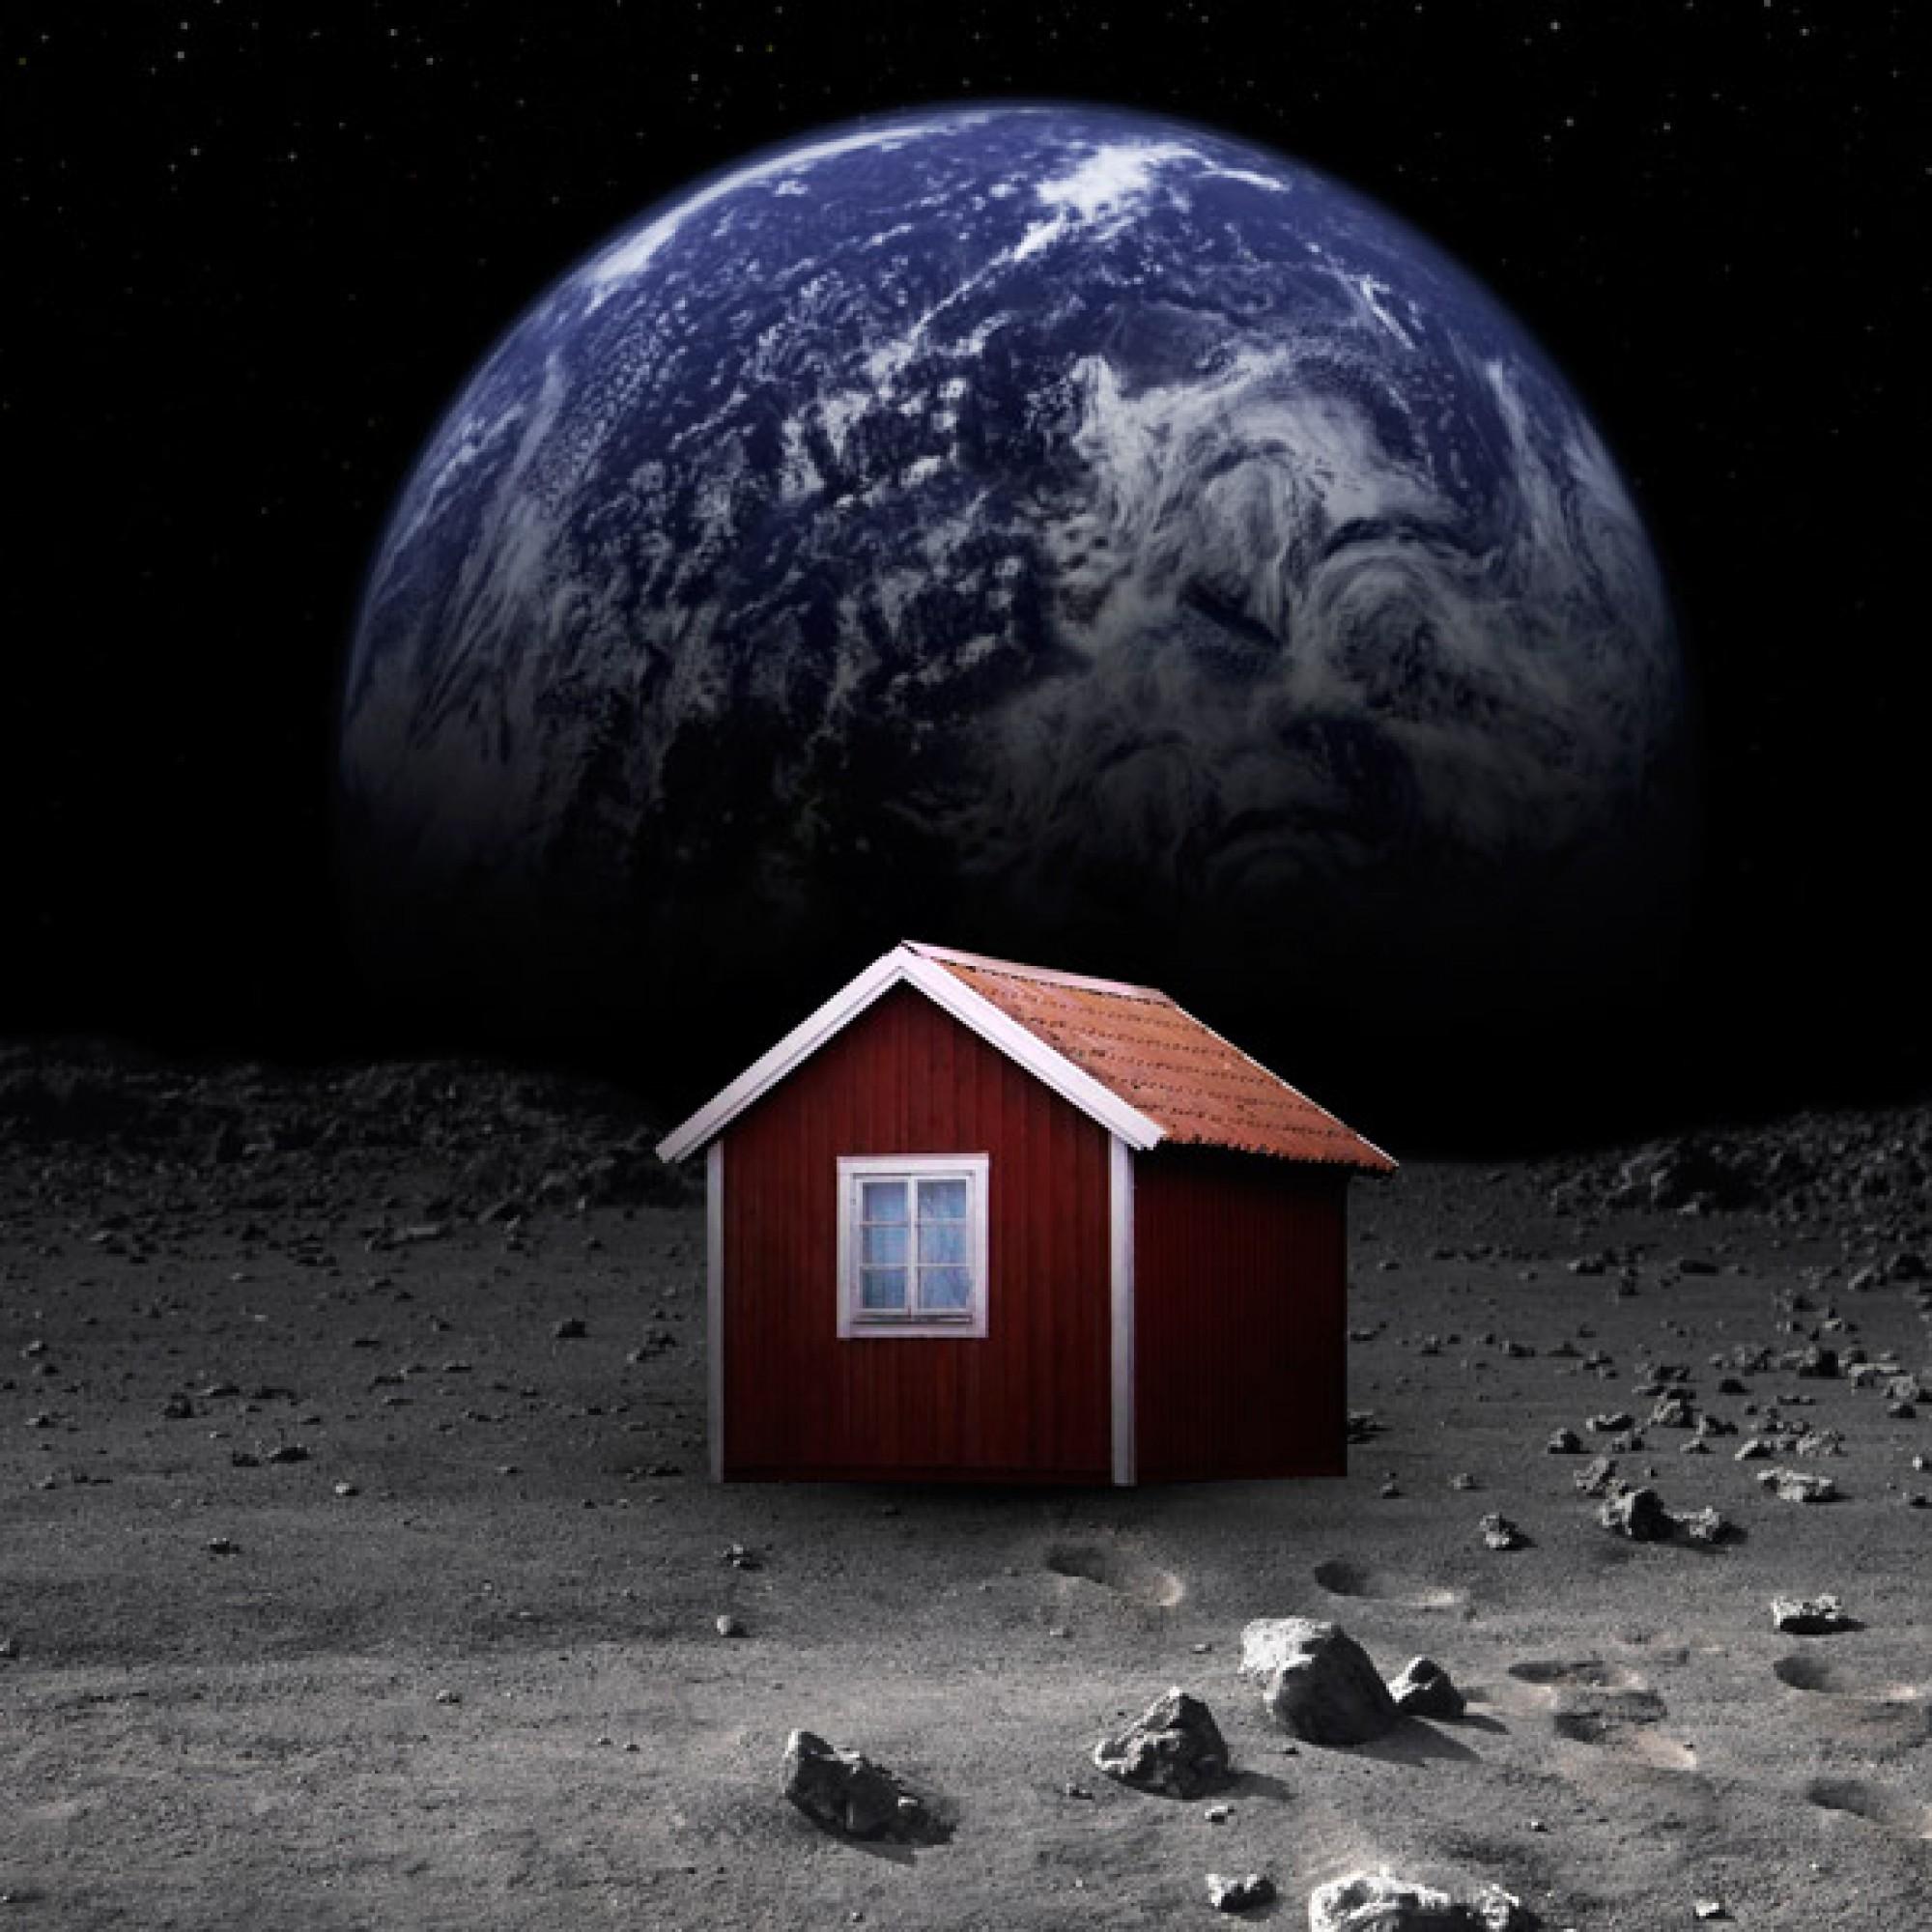 Einsamer Standort: So stellt sich Mikael Genberg seine Stuga auf dem Mond vor. (pd)